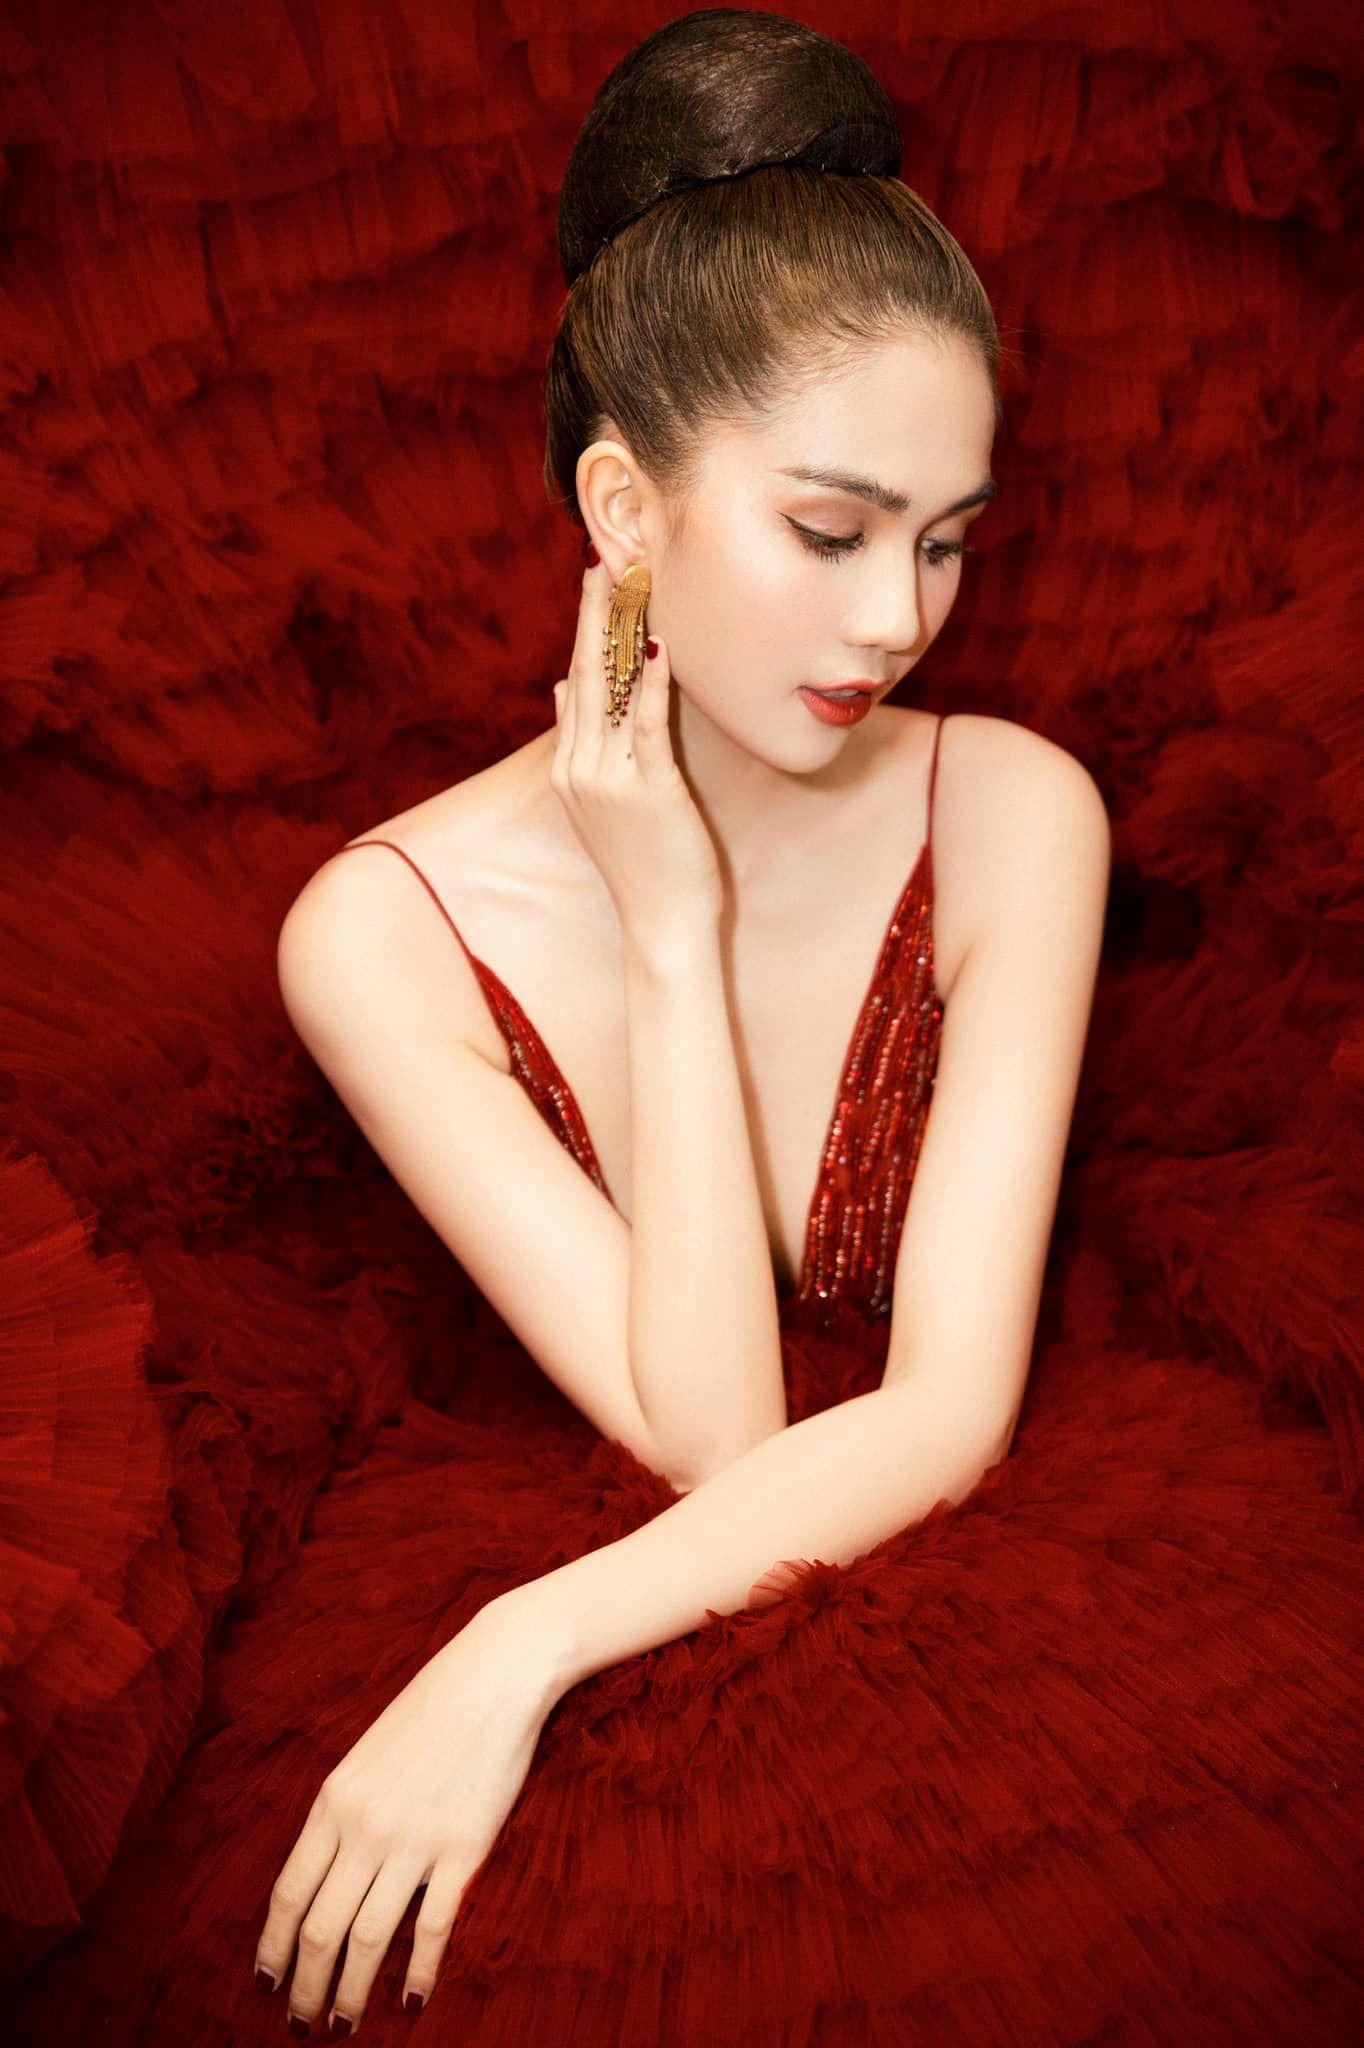 Chán hở bạo, Ngọc Trinh diện váy đỏ hóa thành công chúa lộng lẫy Ảnh 9